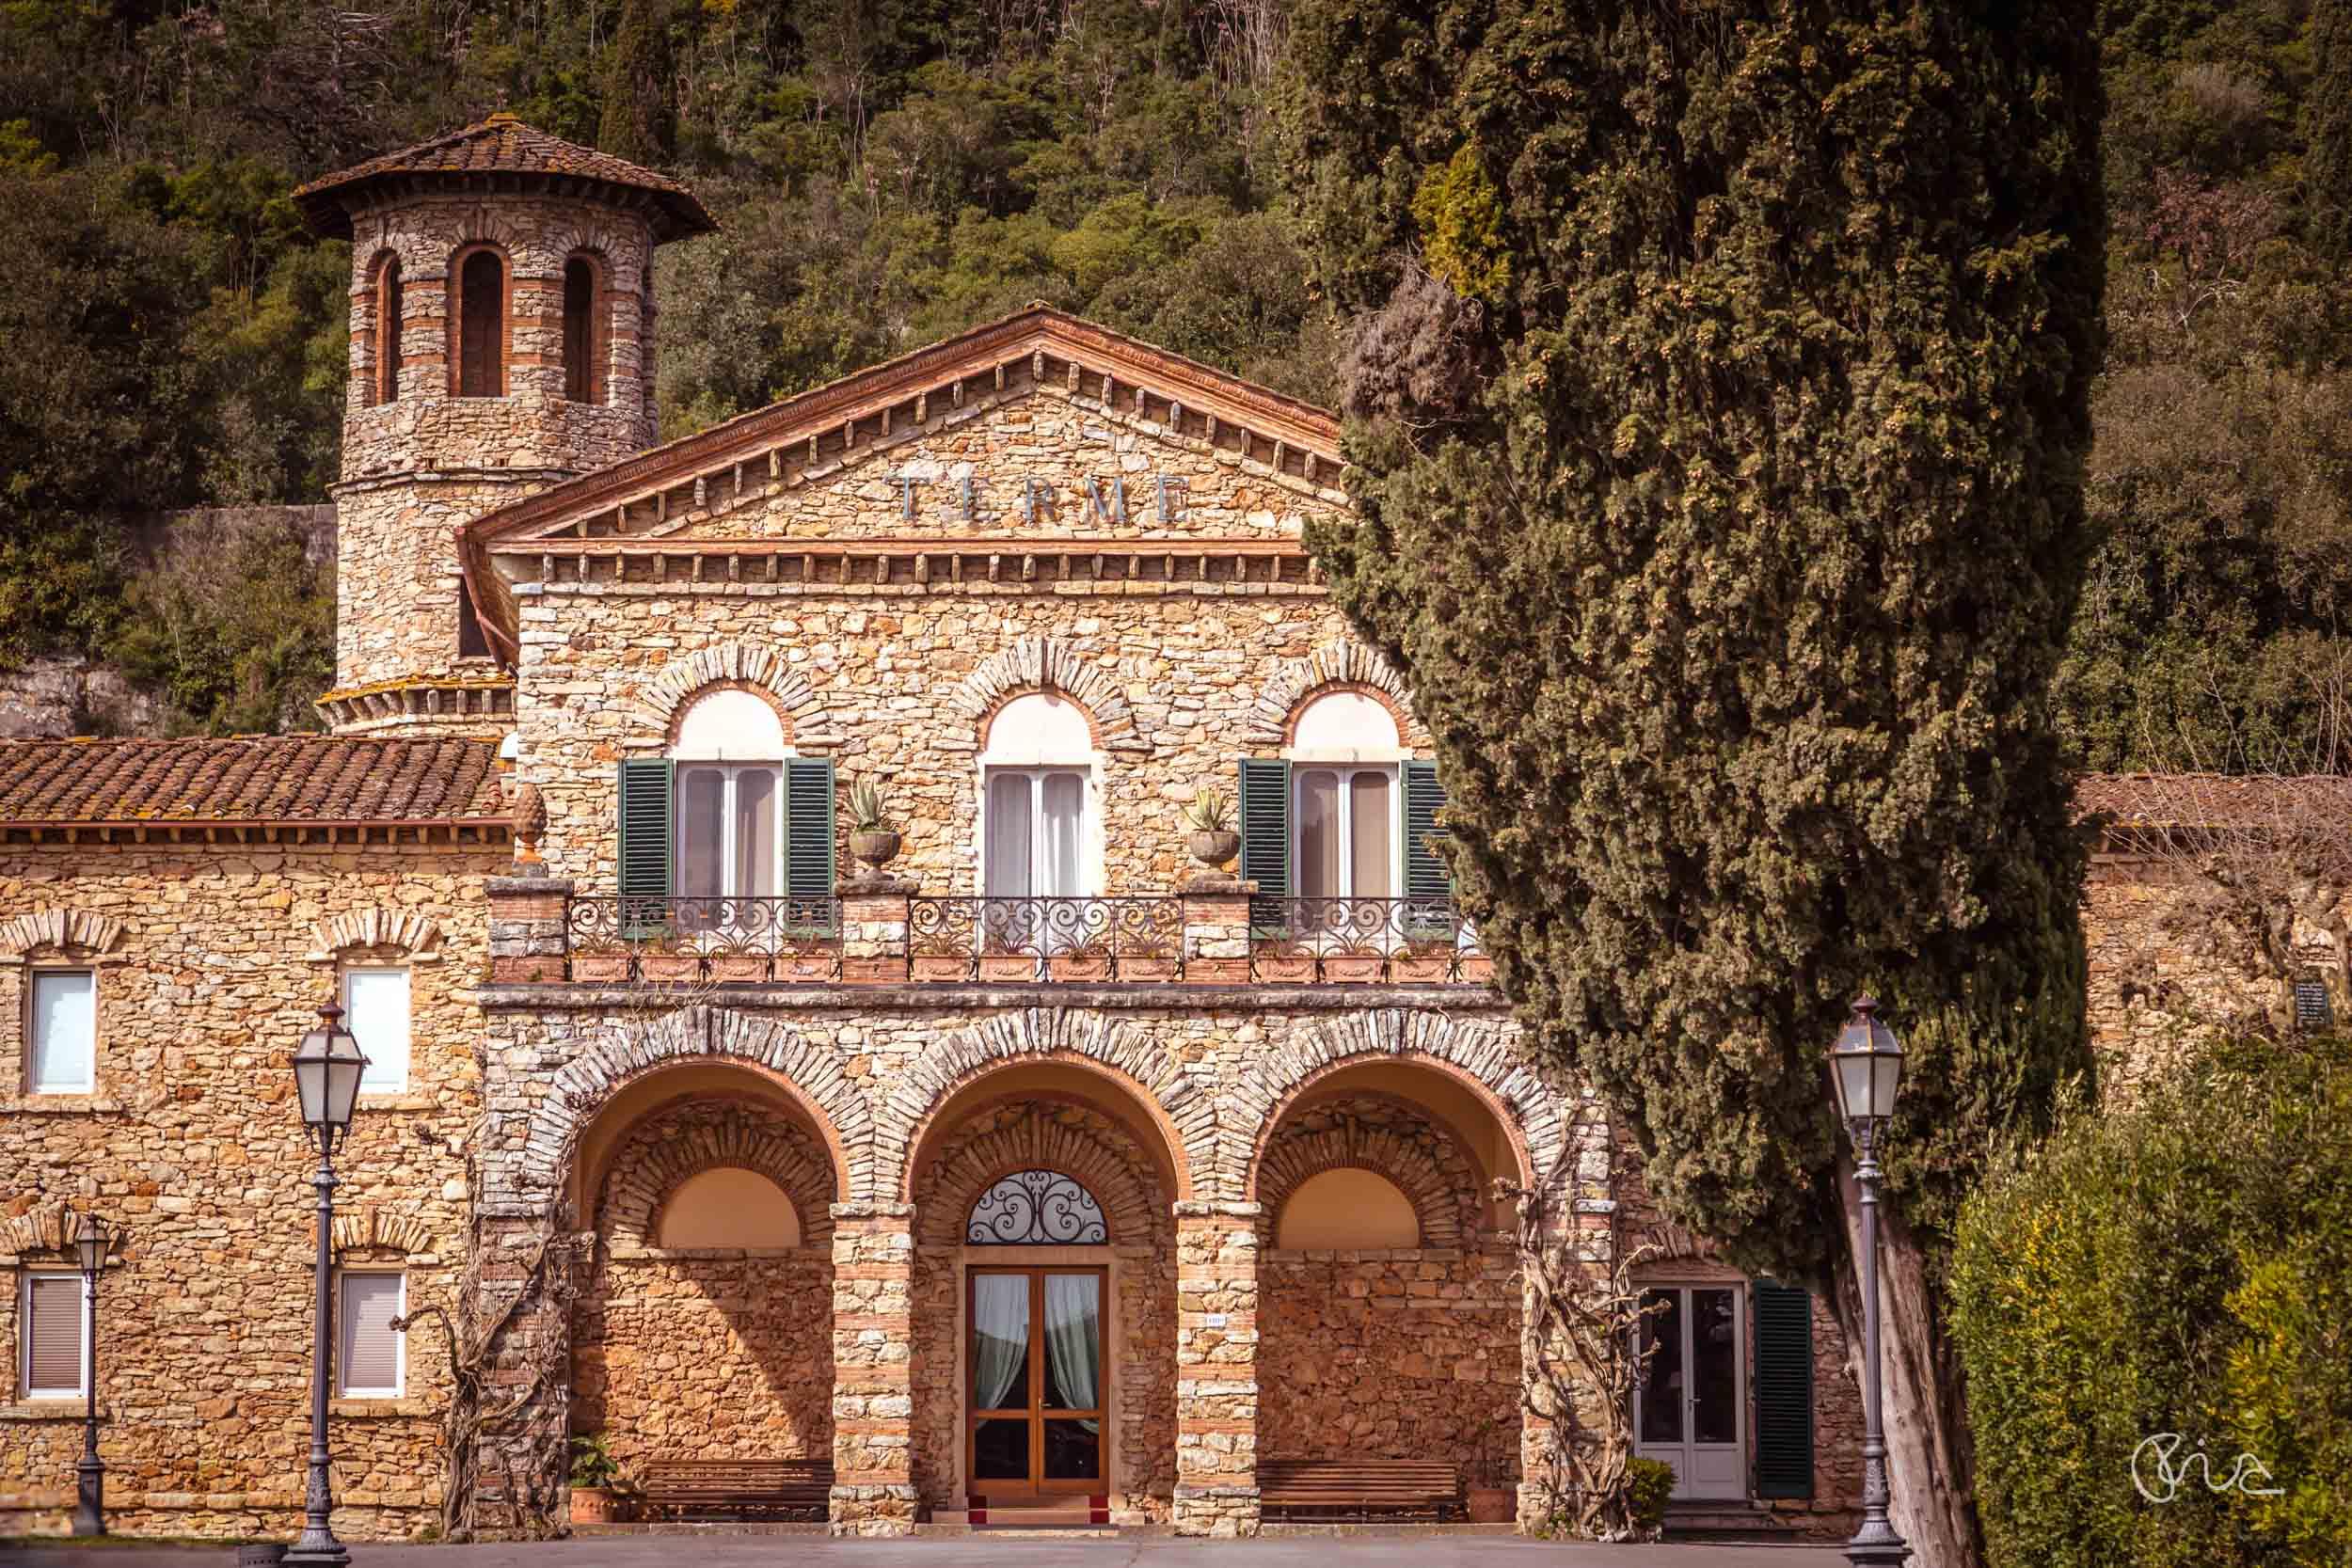 Grotta Giusti Resort Golf & Spa in Monsummano Terme, Tuscany